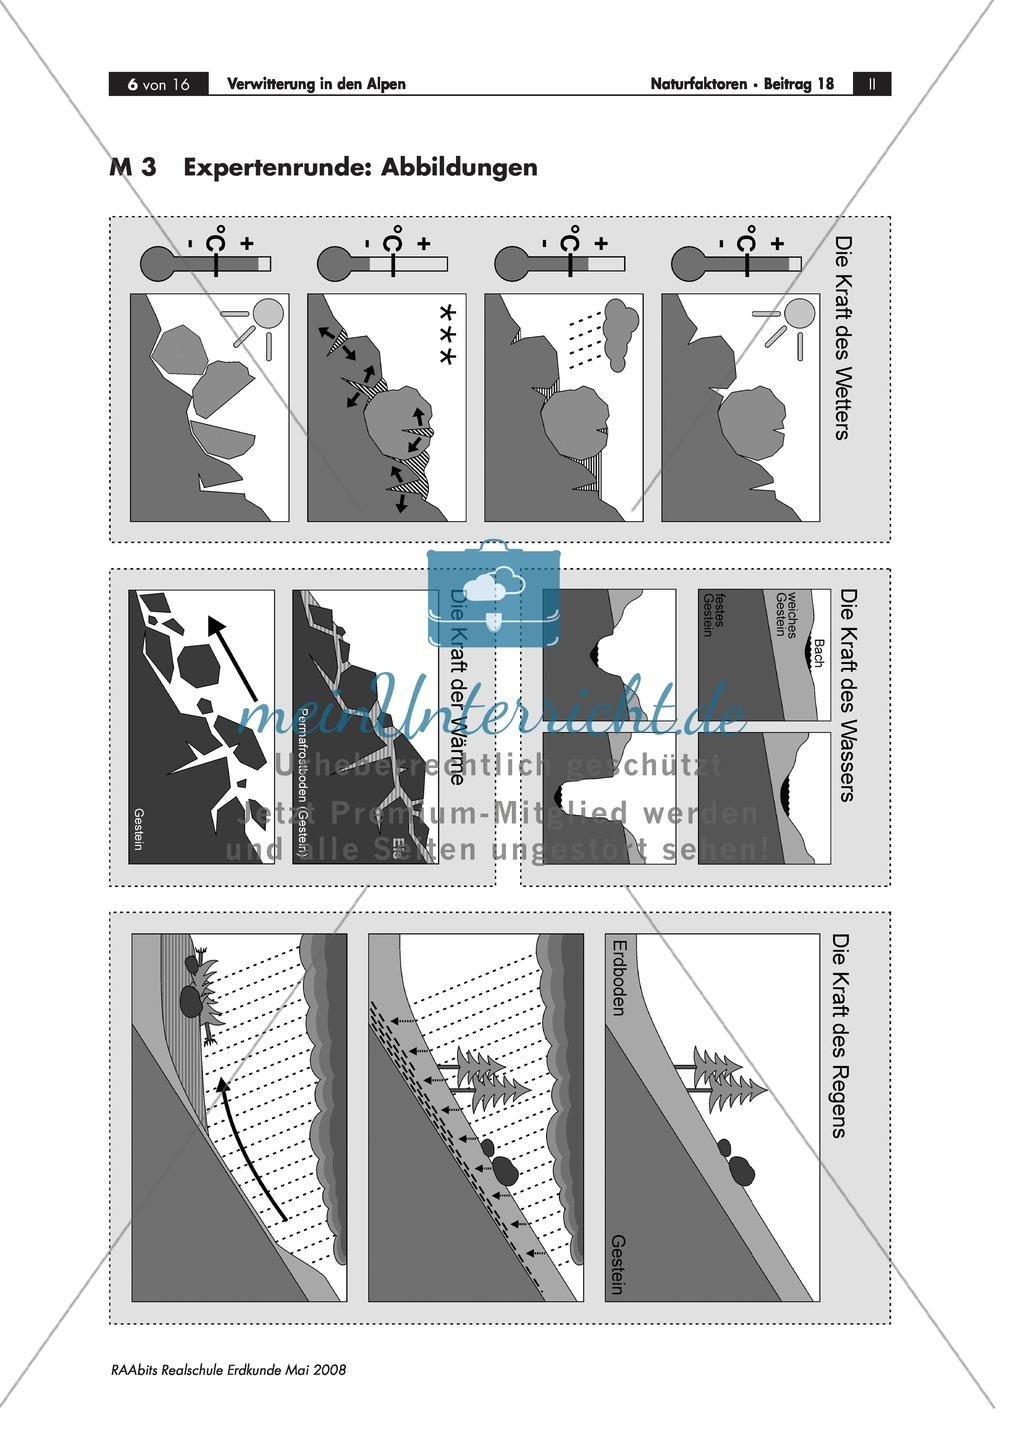 Eine Expertenrunde über Formen der Verwitterung abhalten - Beispiel Alpen Preview 0